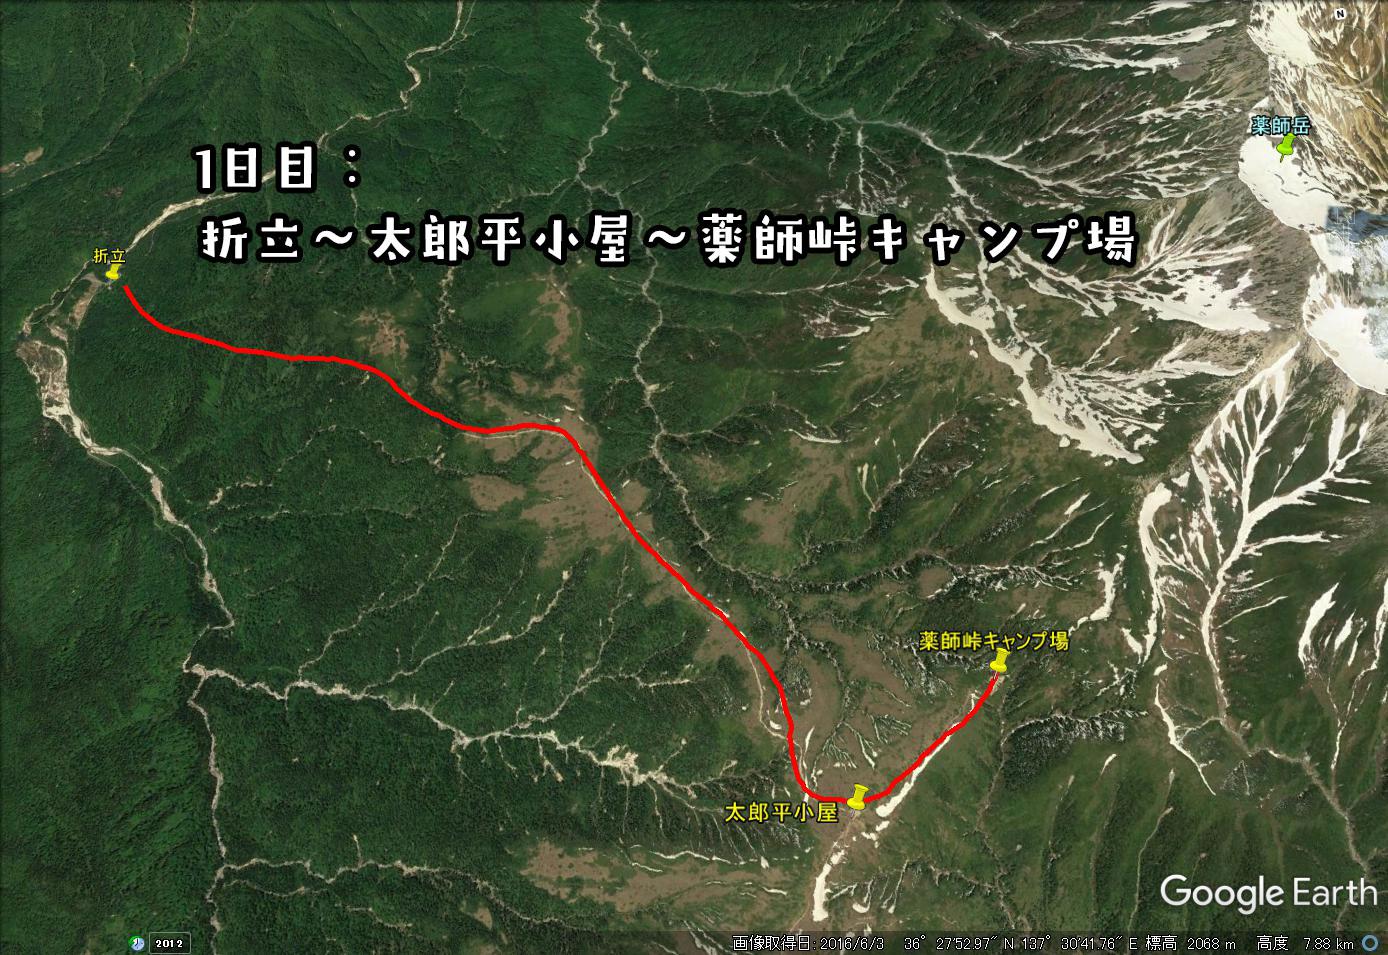 雲ノ平 地図 折立~太郎平小屋~薬師峠キャンプ場